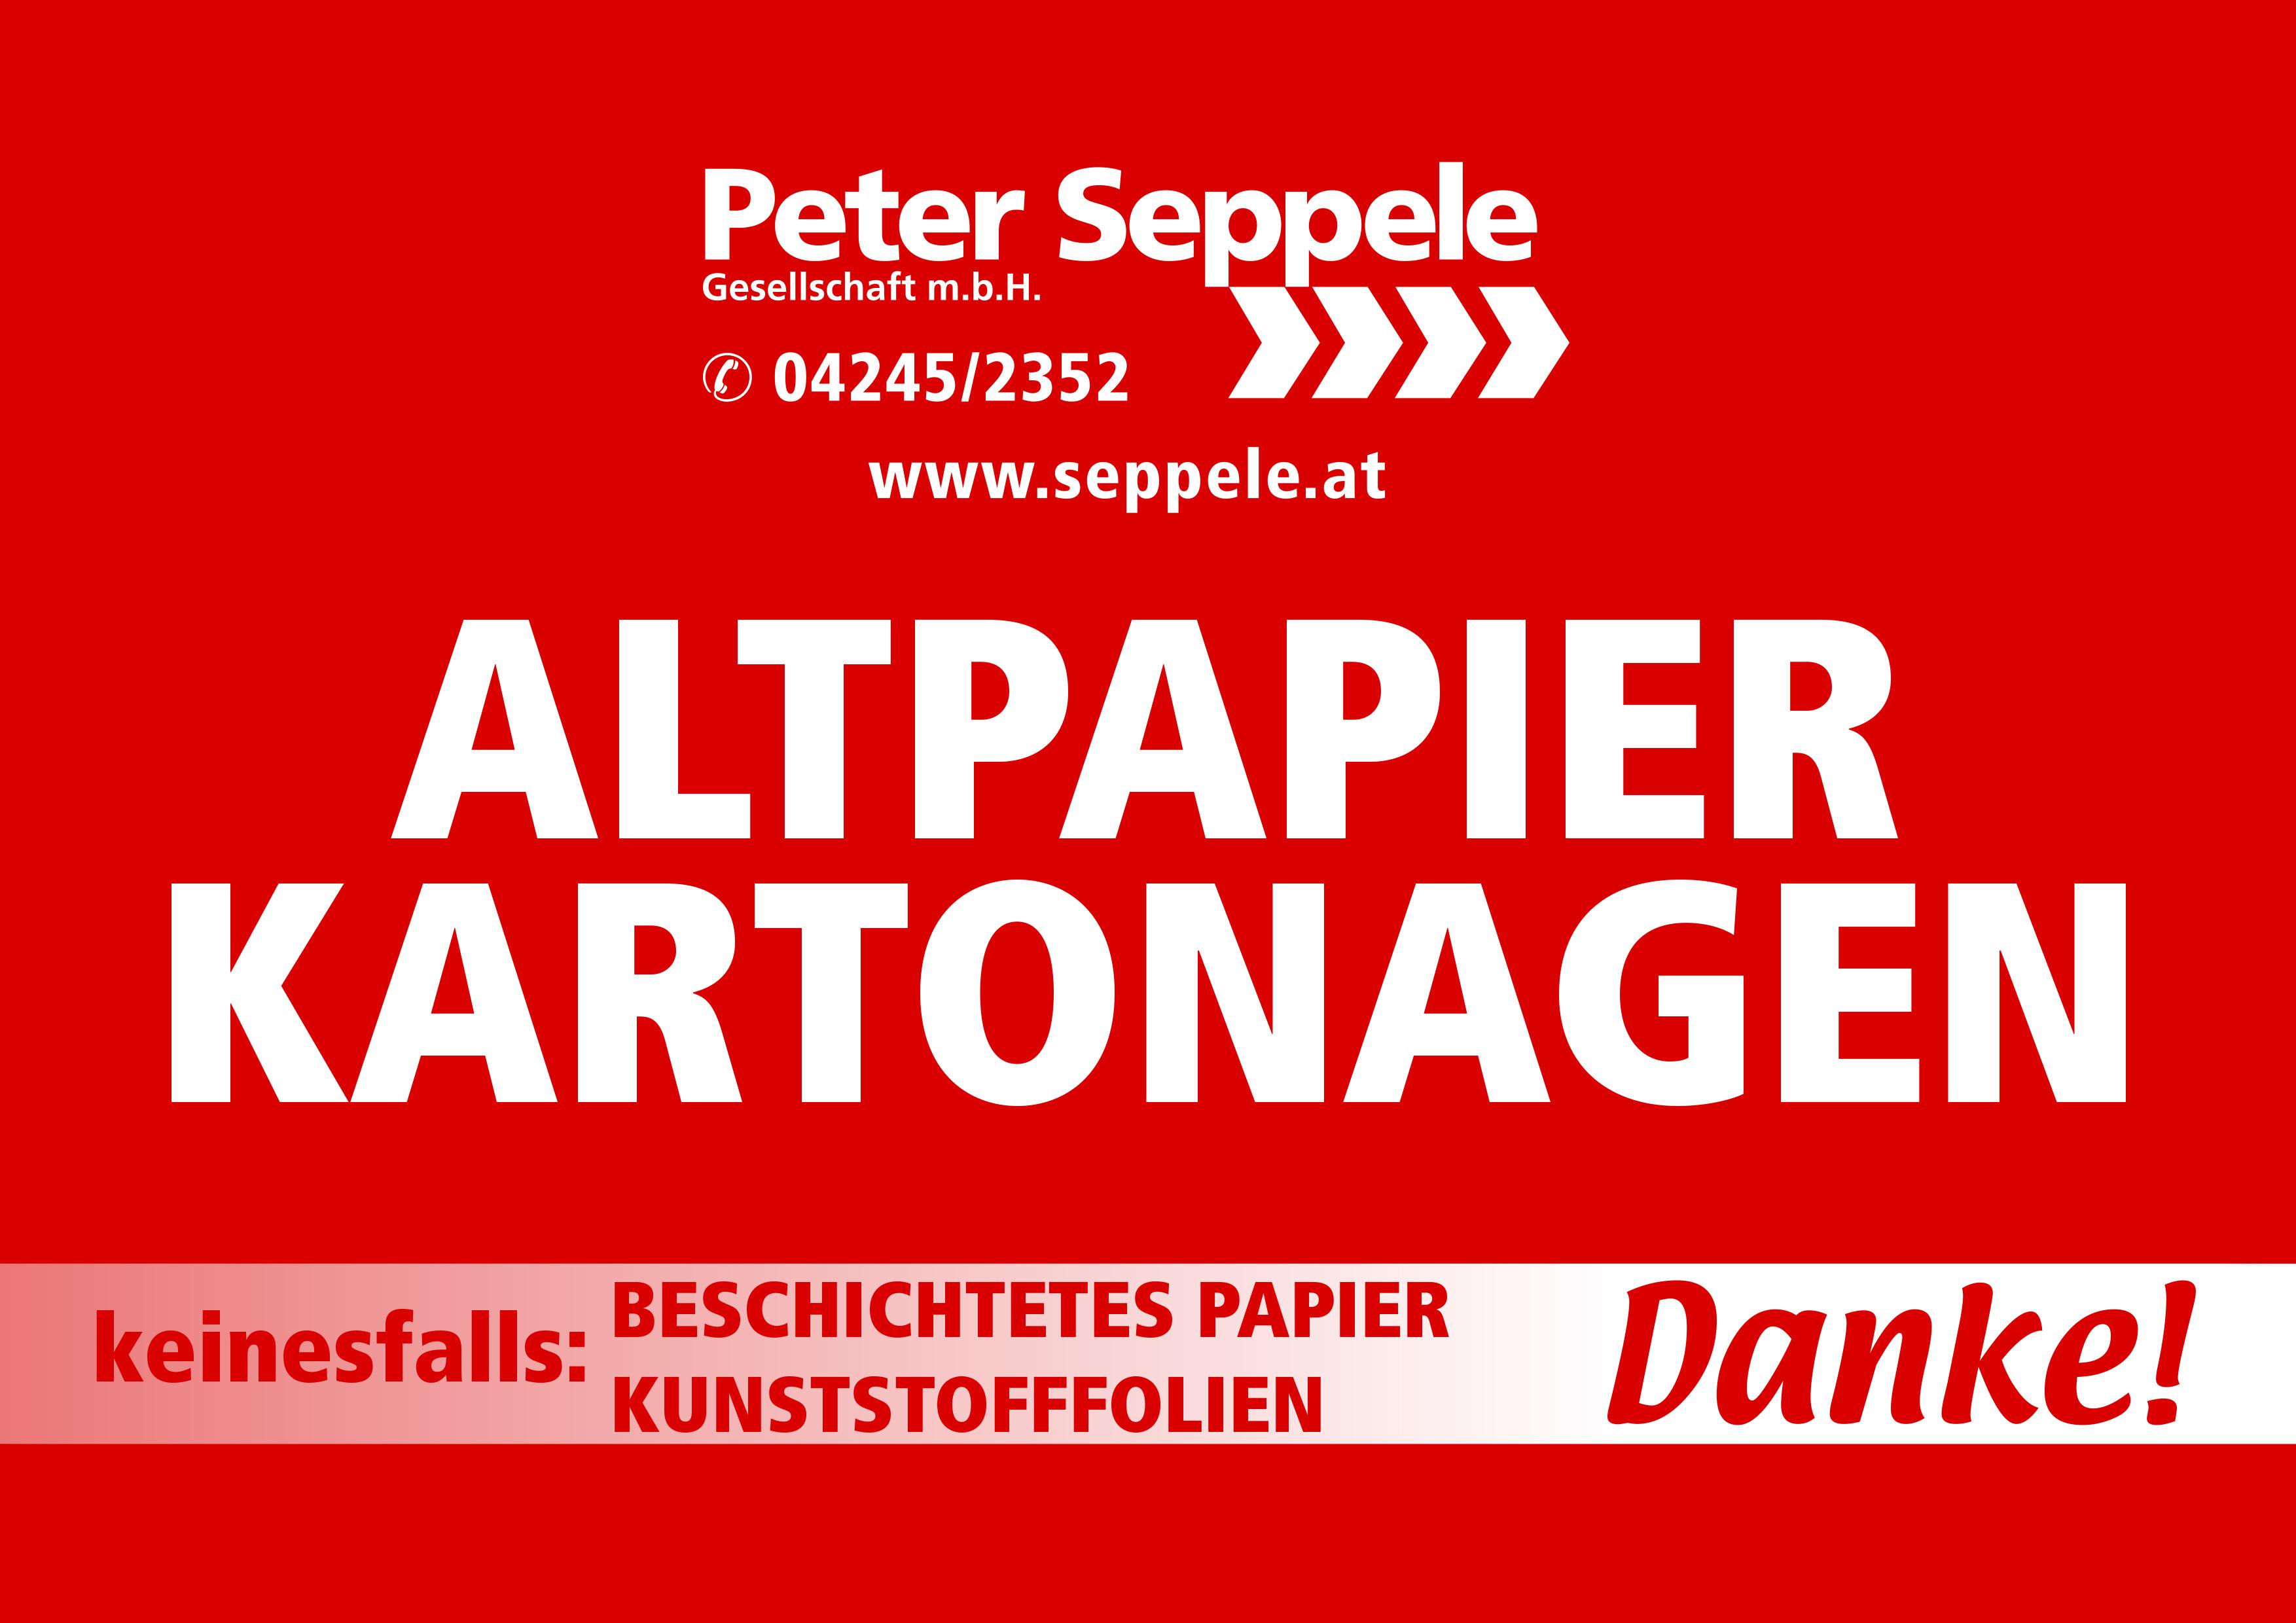 Altpapier_Kartonage